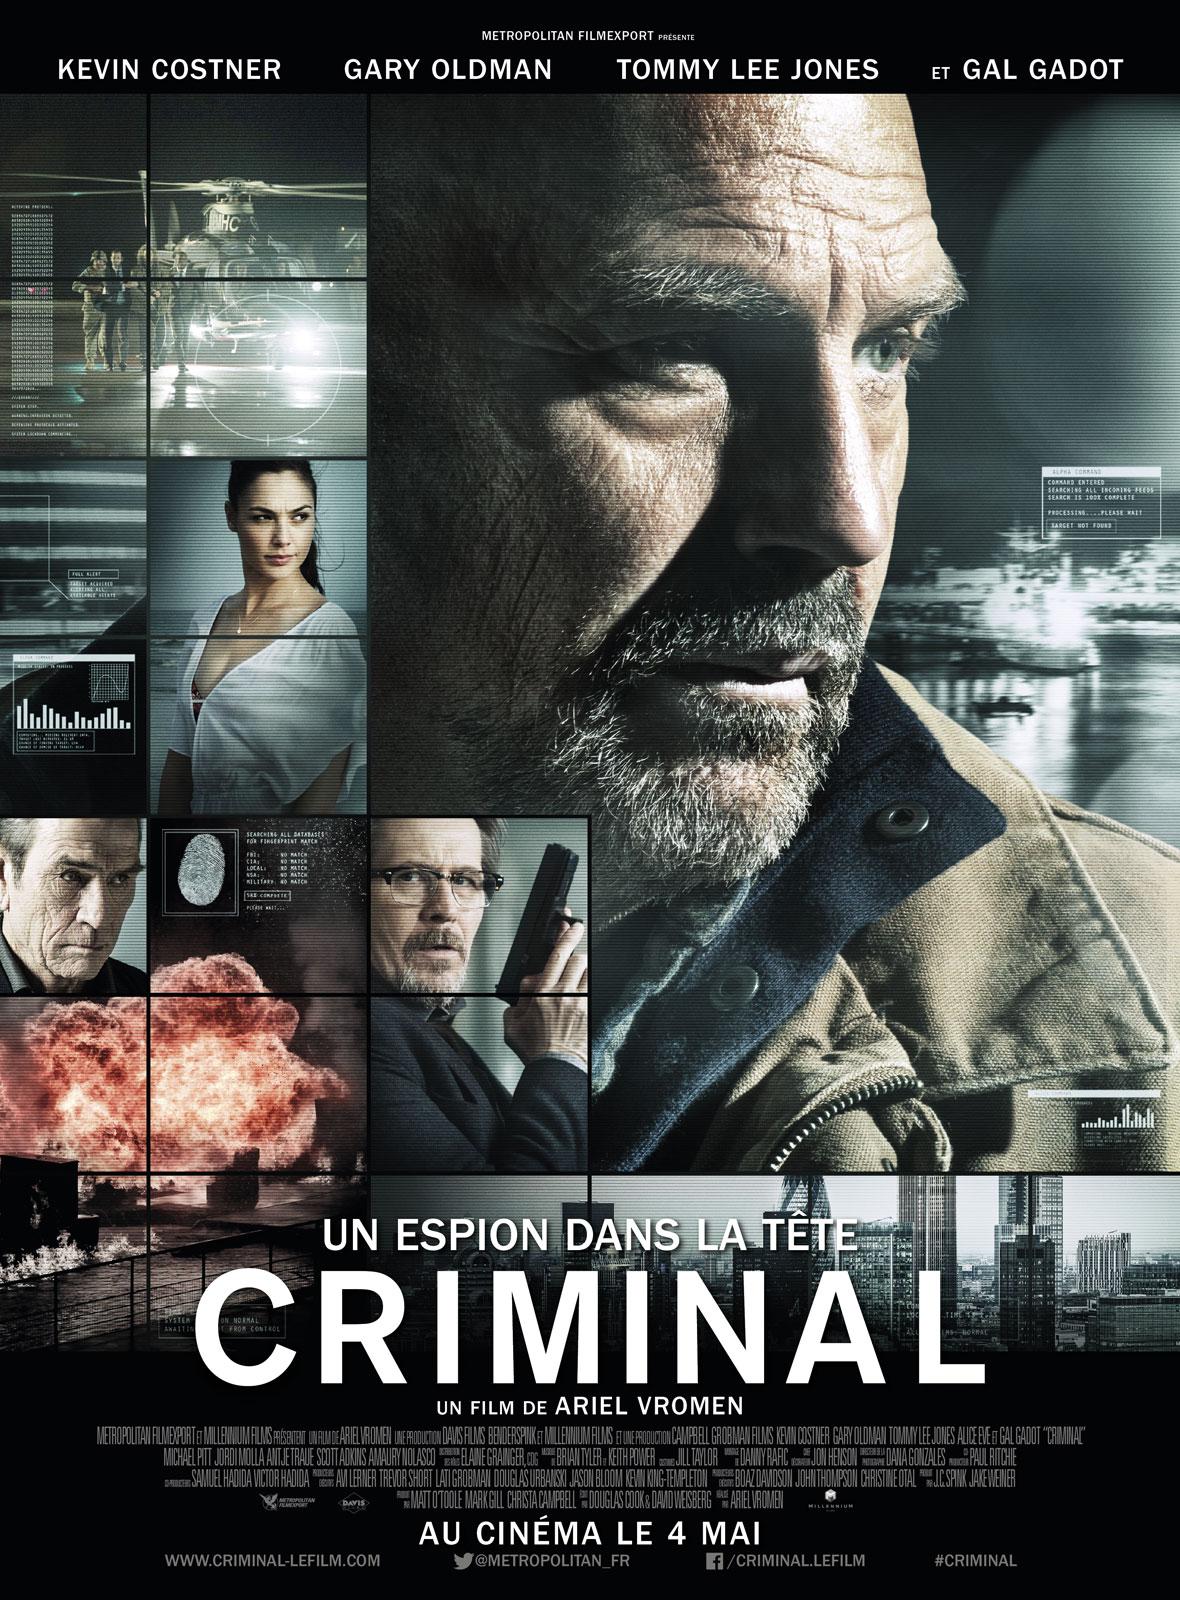 Criminal - Un espion dans la tête ddl